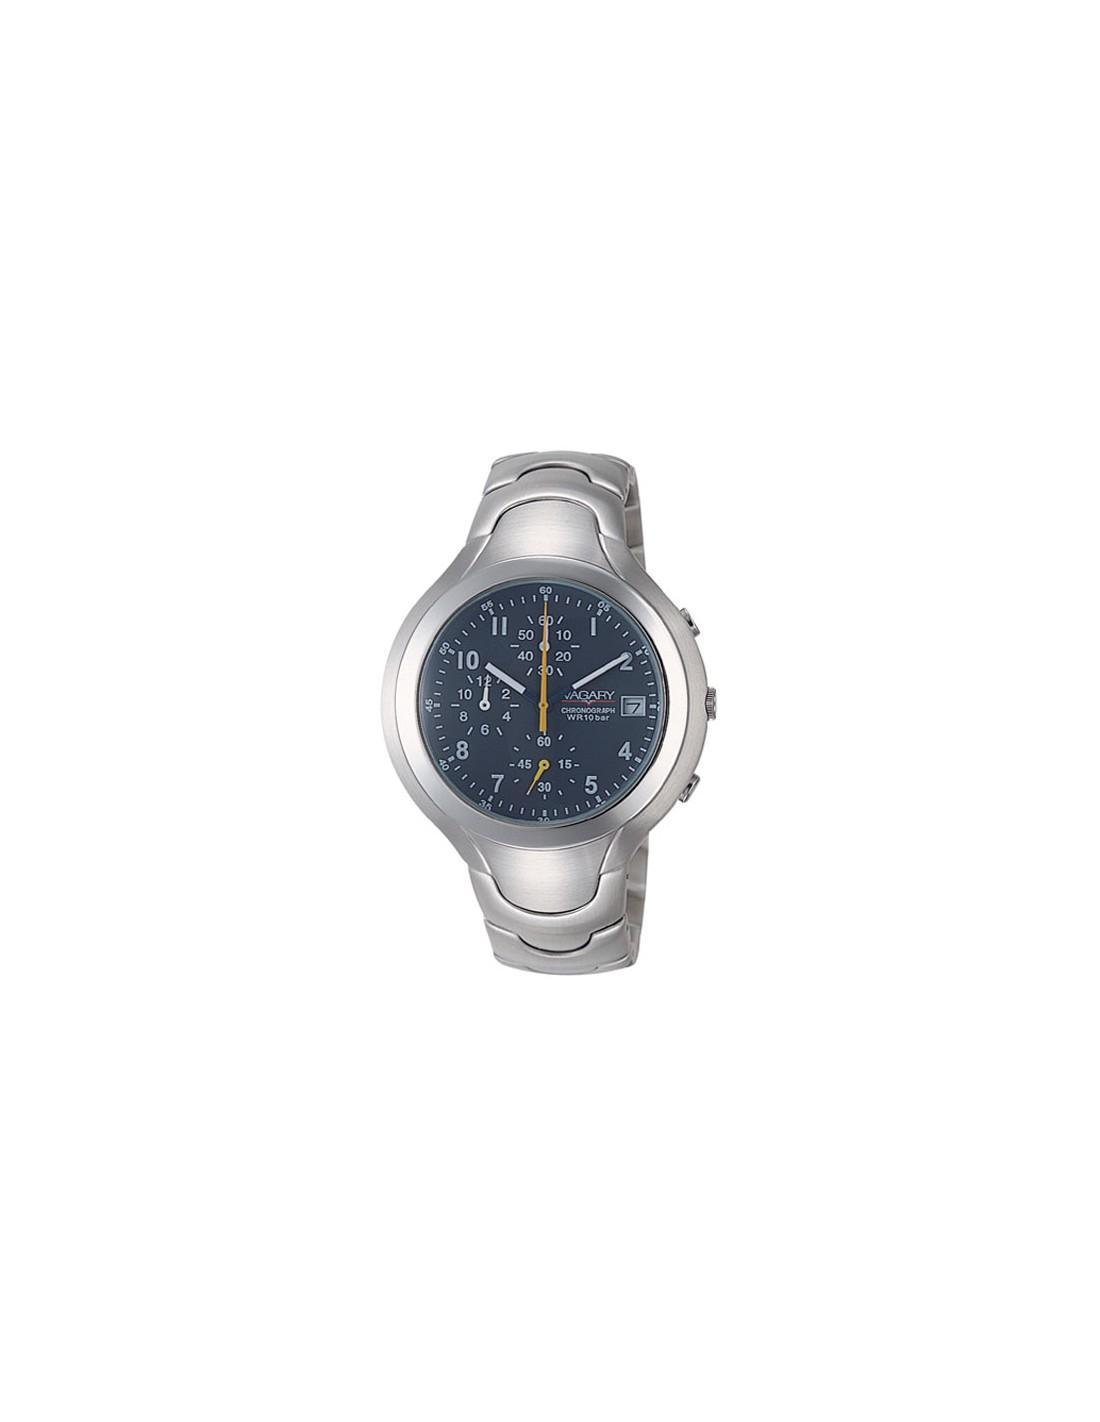 da0f28240594 Reloj Vagary IA2-115-73 - Relojes Vagary